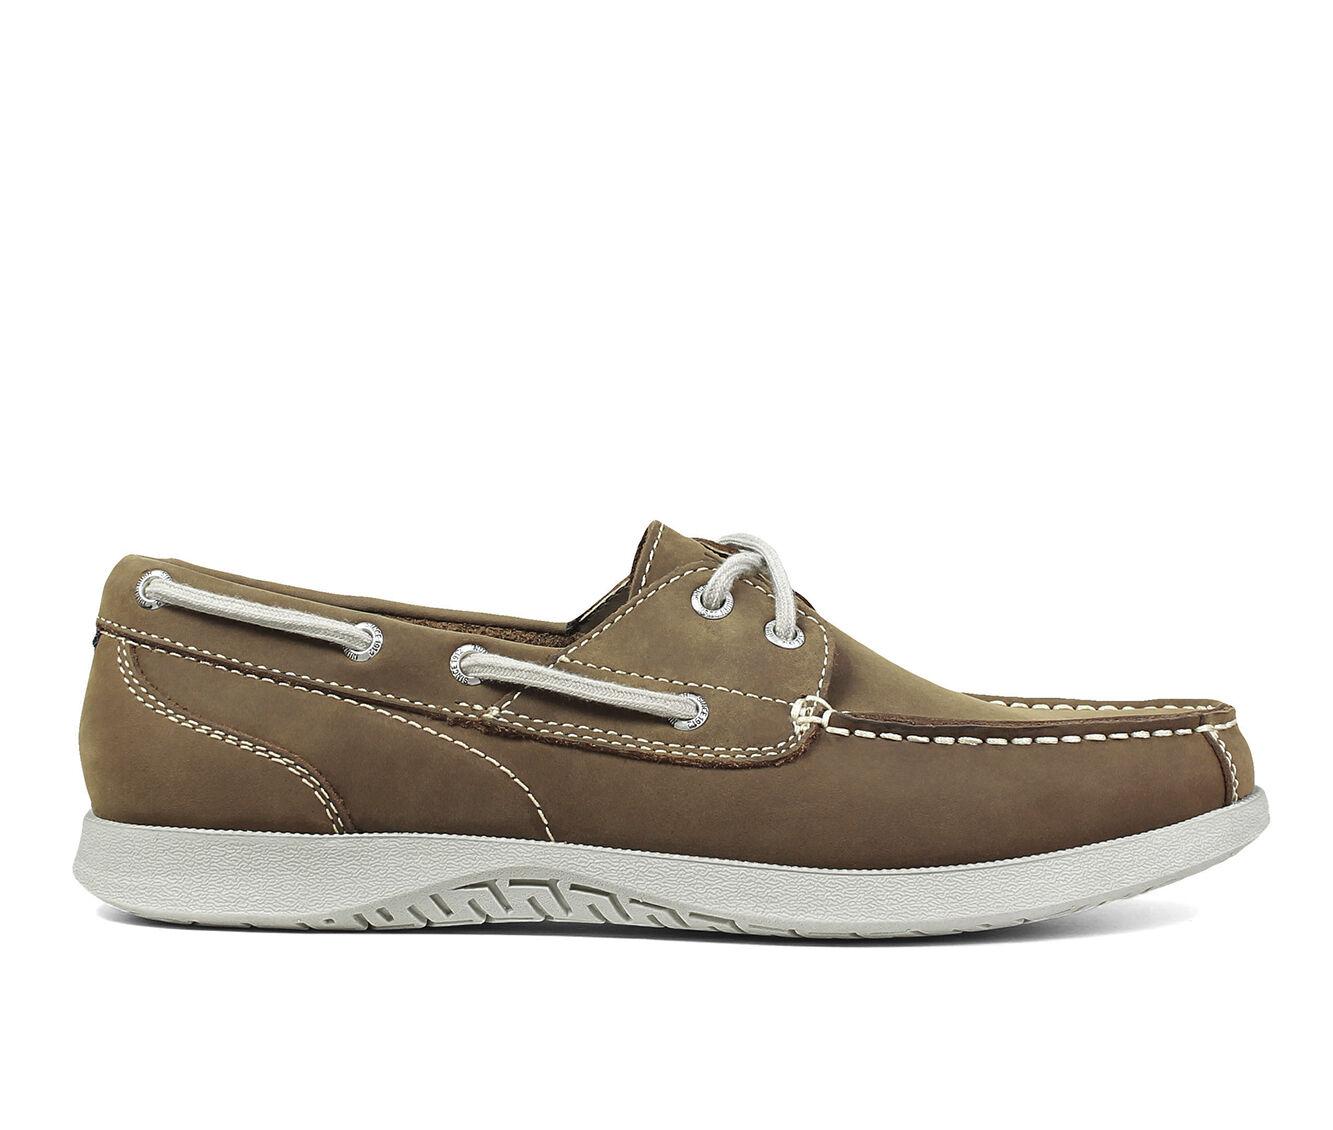 Men's Nunn Bush Bayside Lites Two-Eye Boat Shoes Tan